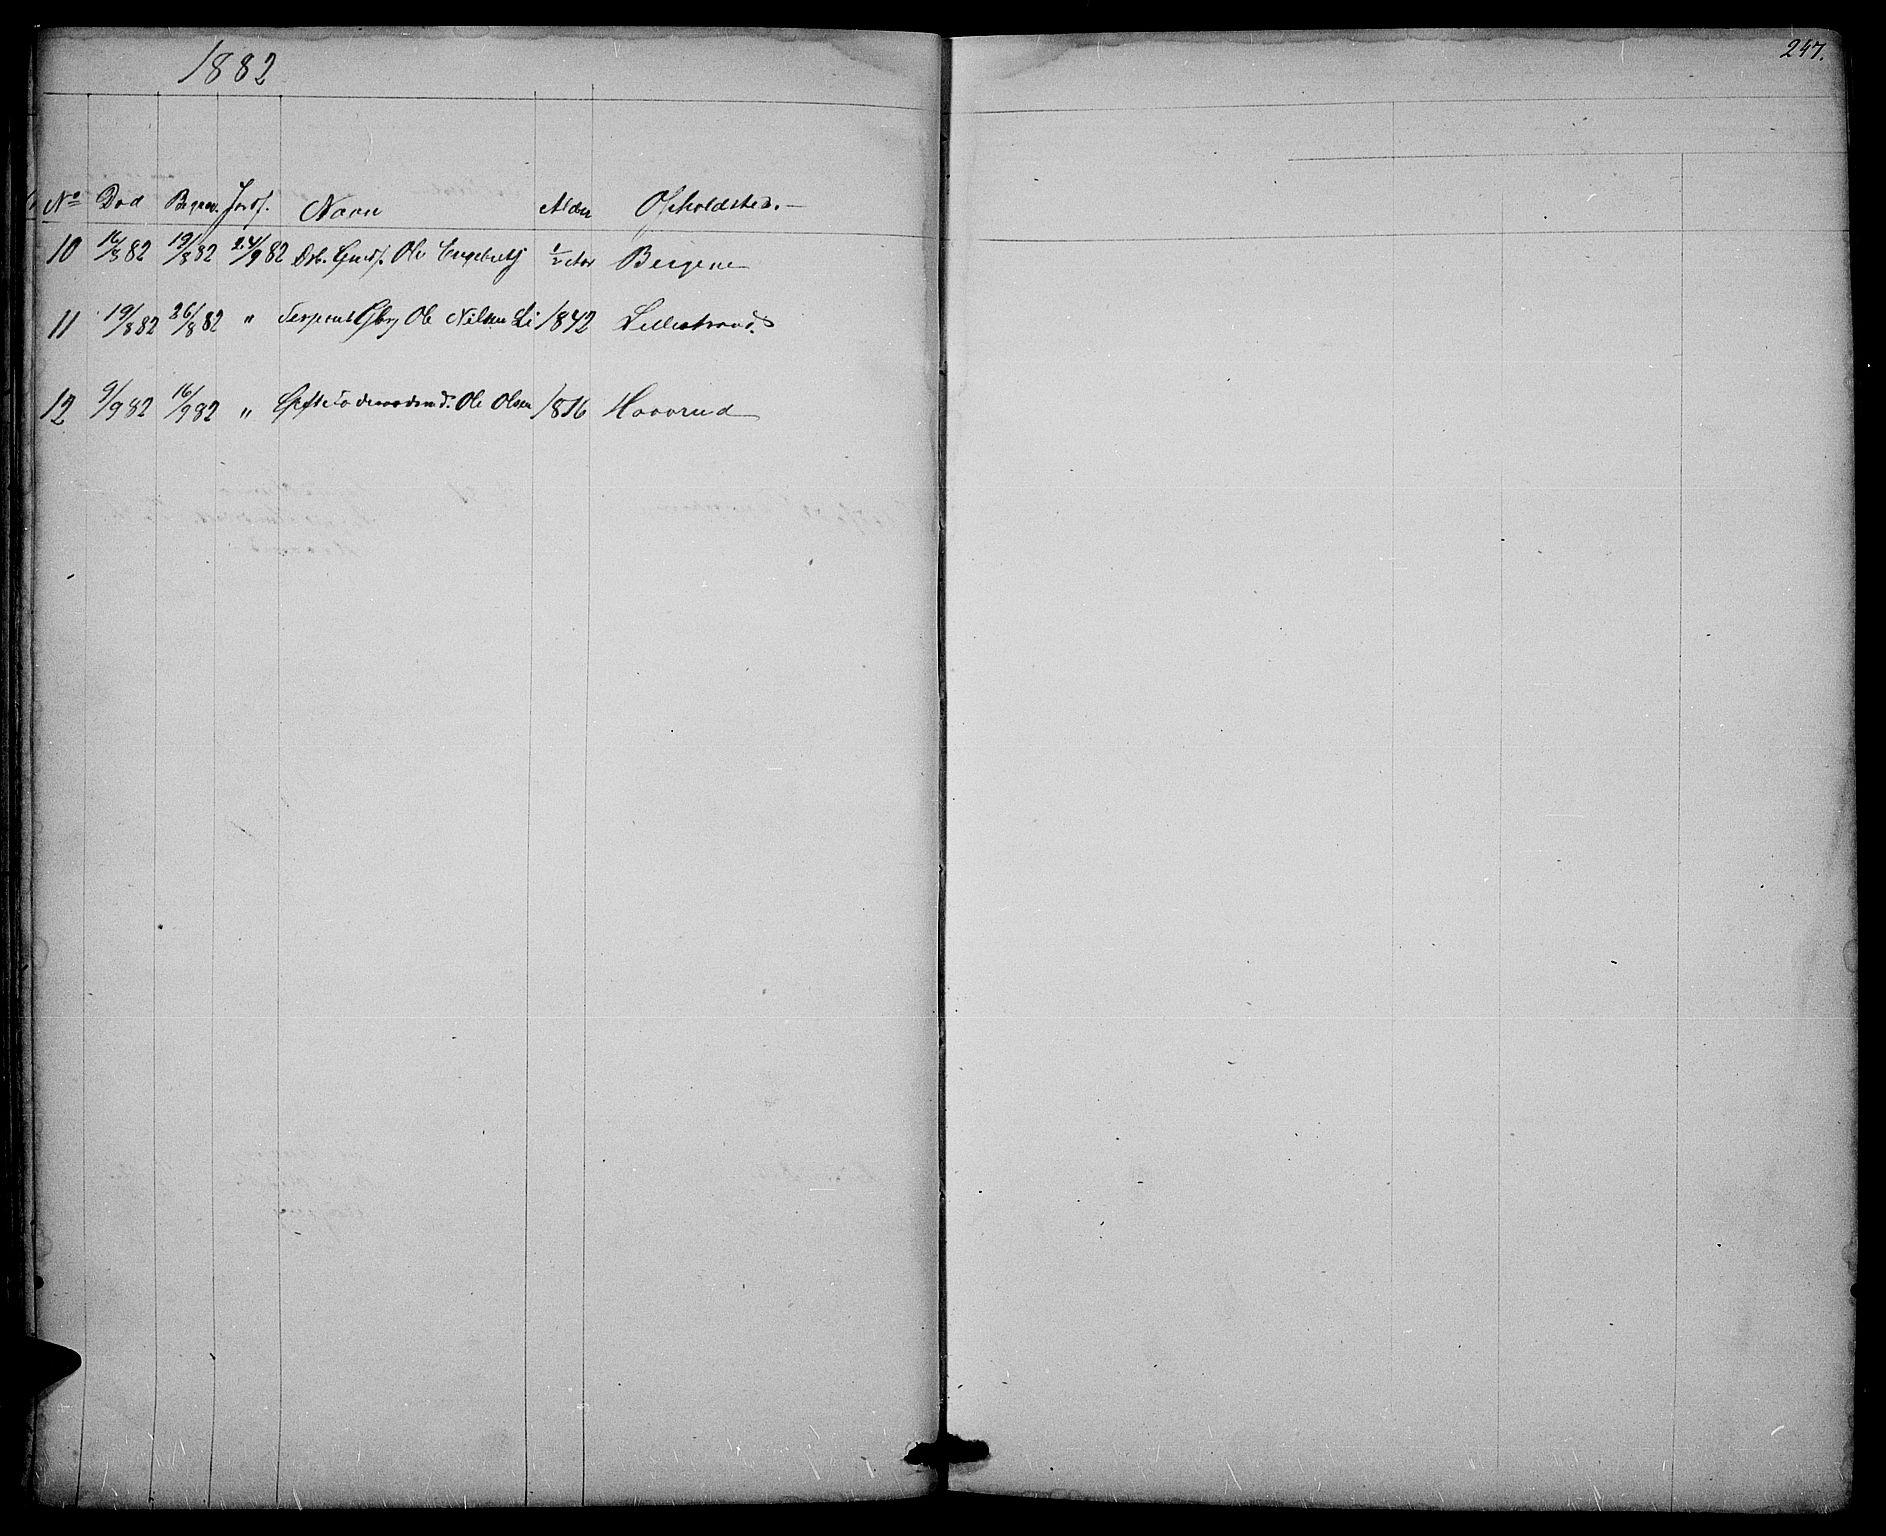 SAH, Nord-Aurdal prestekontor, Klokkerbok nr. 3, 1842-1882, s. 247